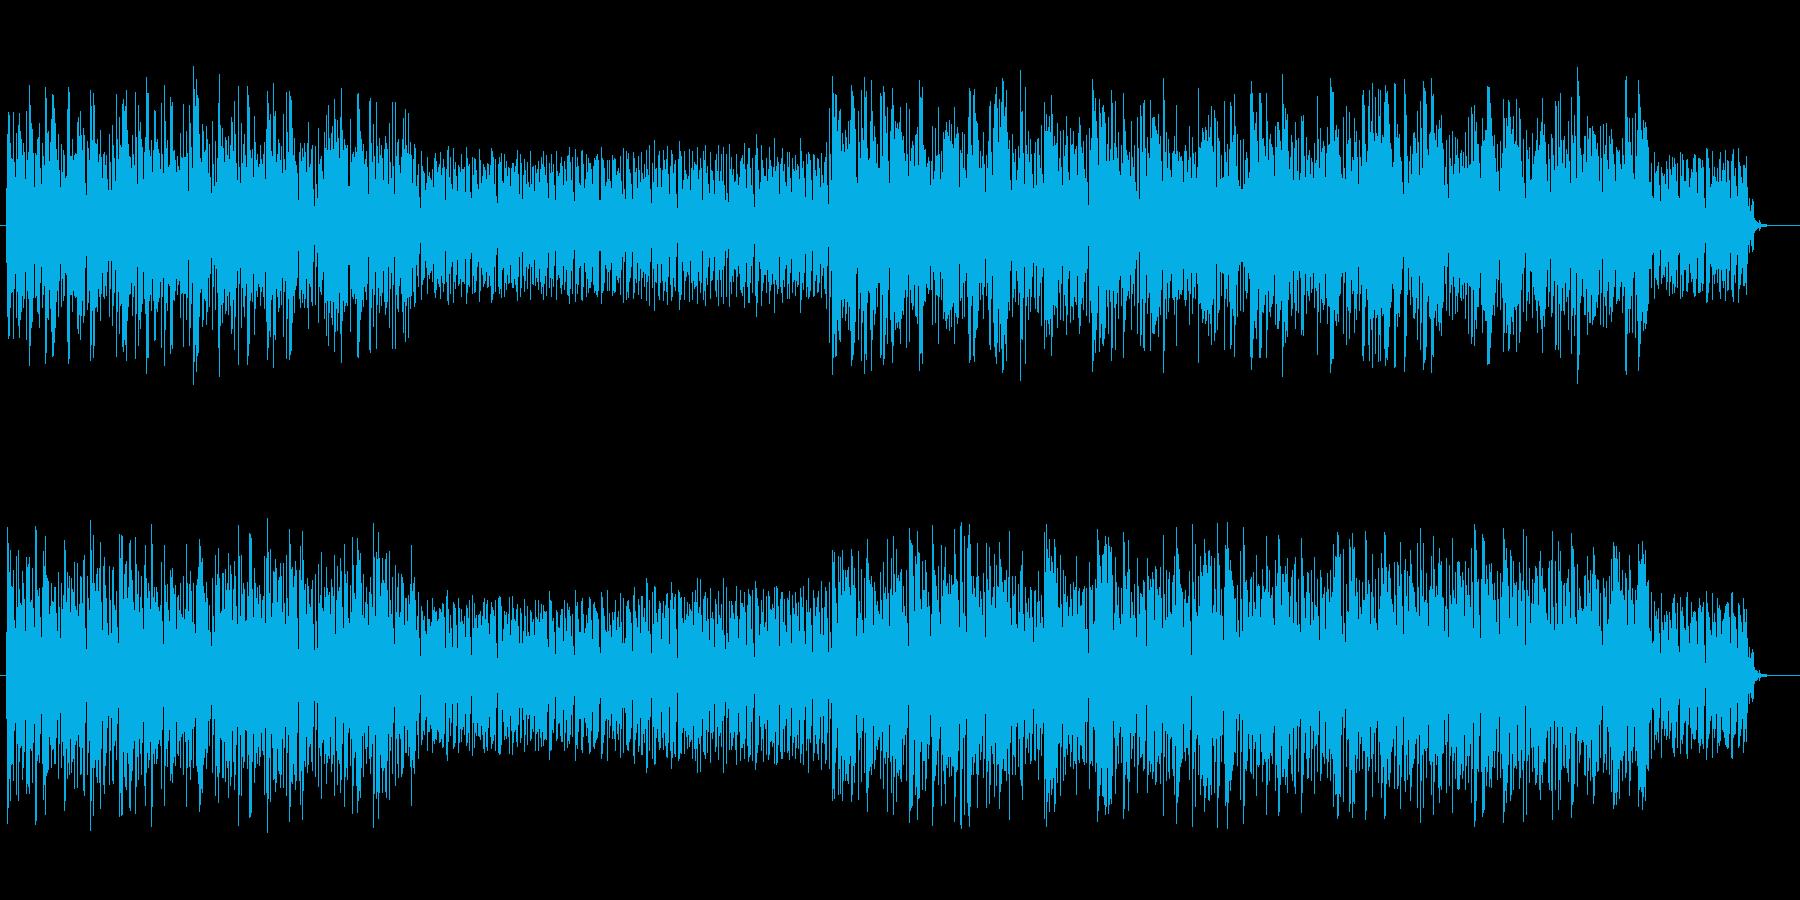 クールで疾走感のあるテクノポップの再生済みの波形